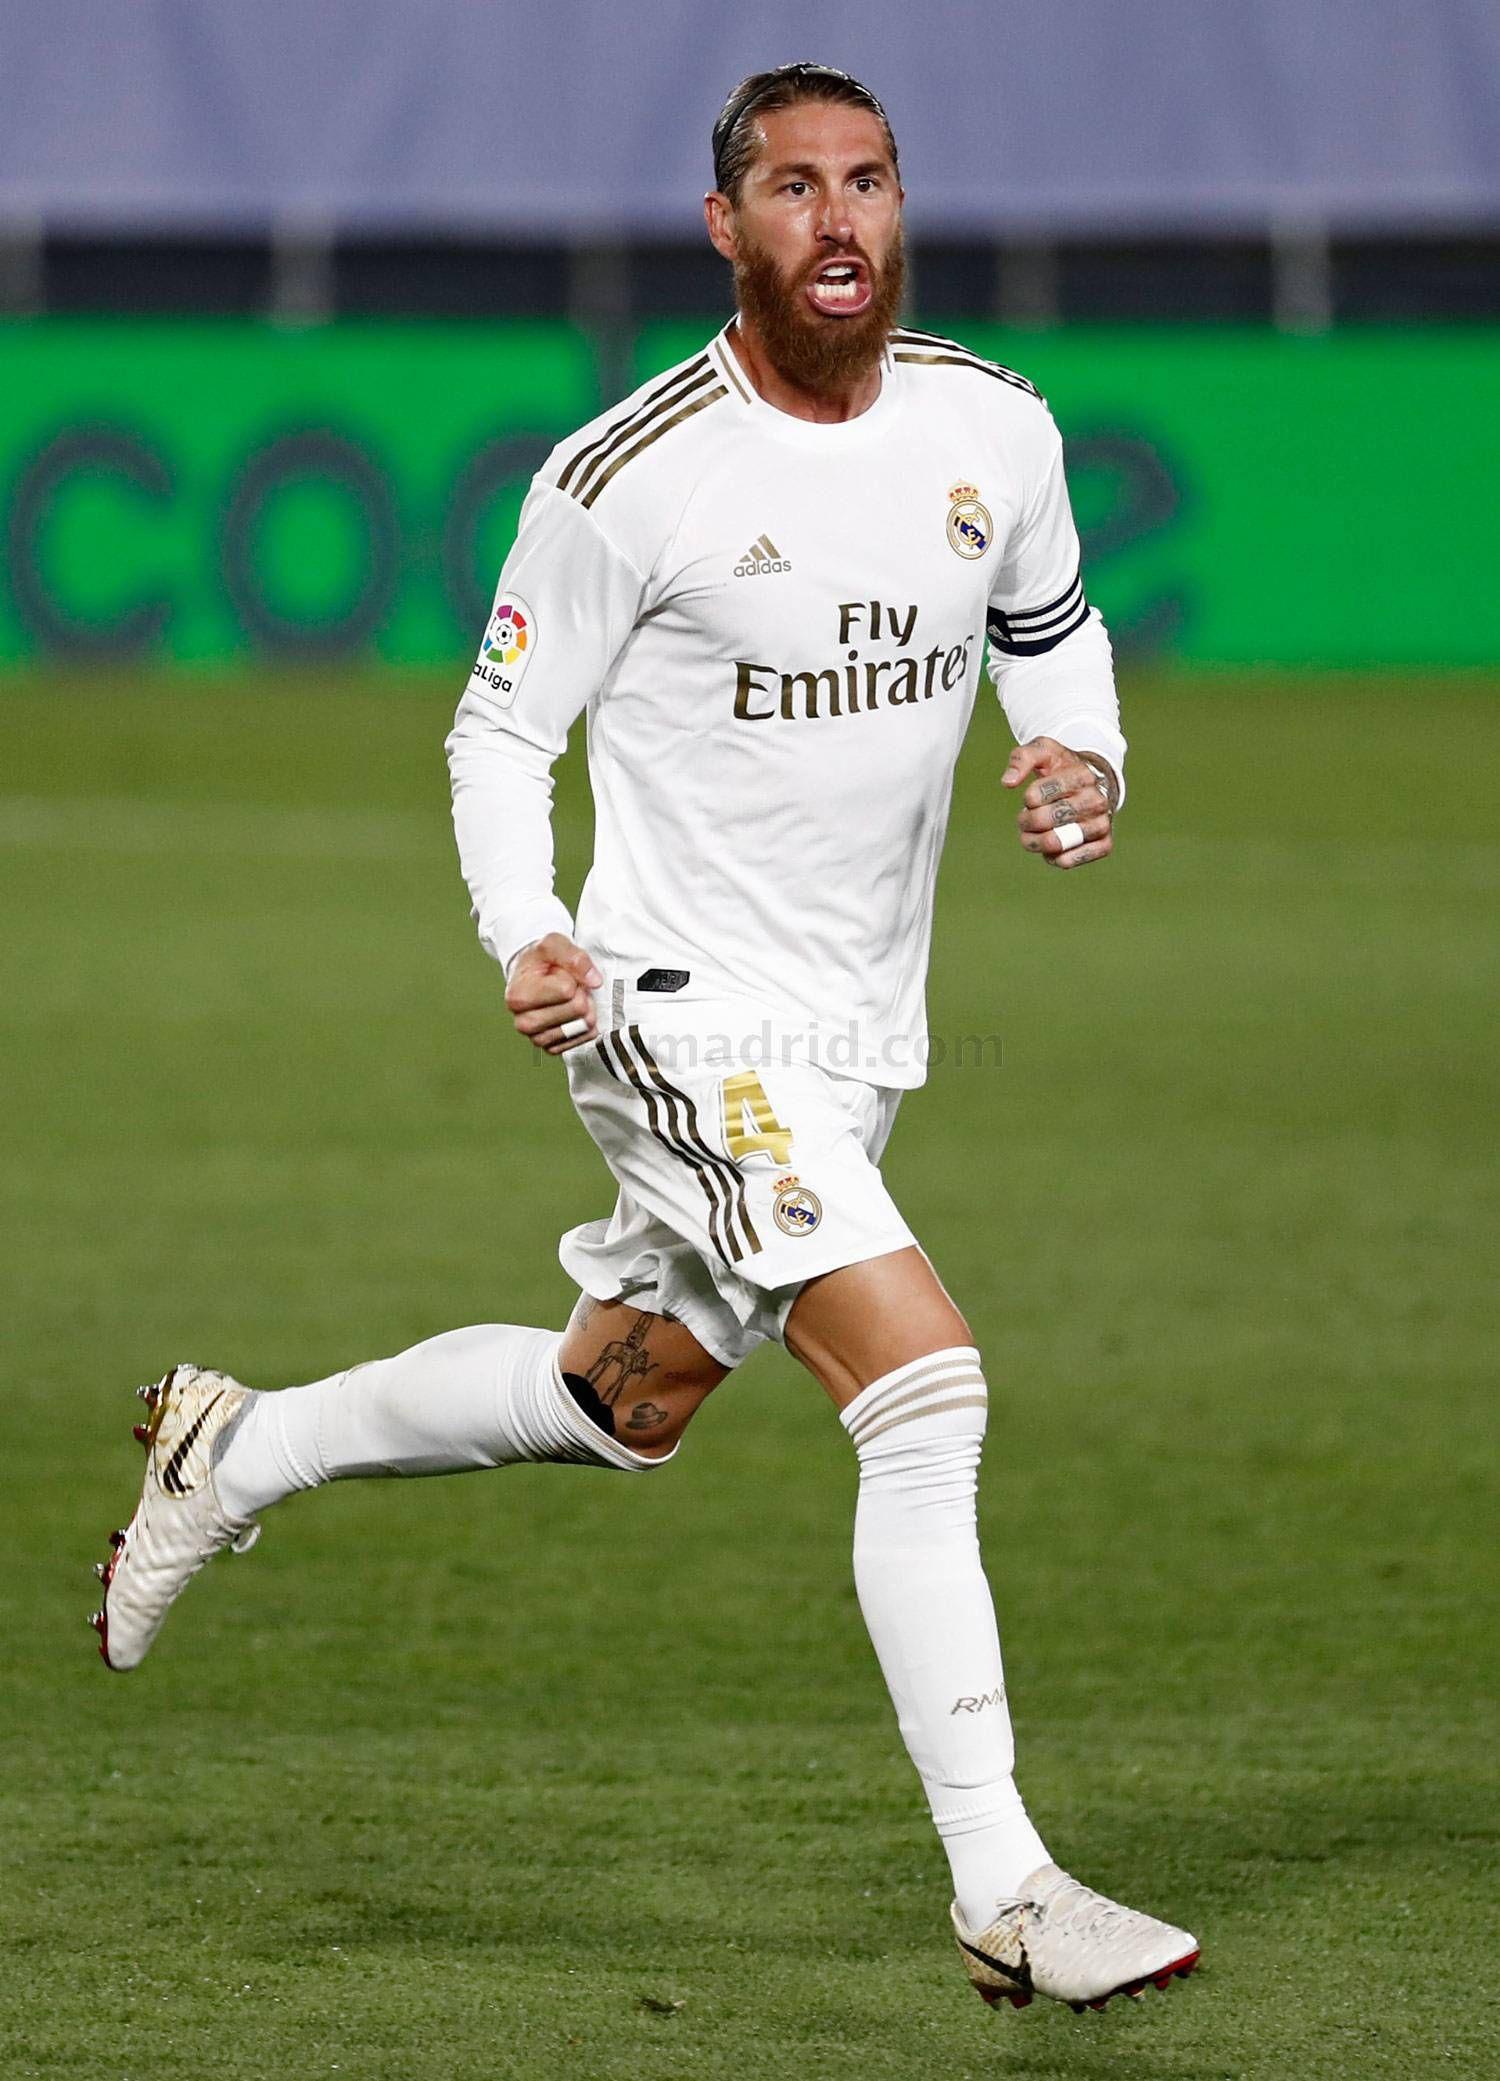 2019/20 La Liga: Best Spanish XI |Sergio Ramos 2020 Drawing